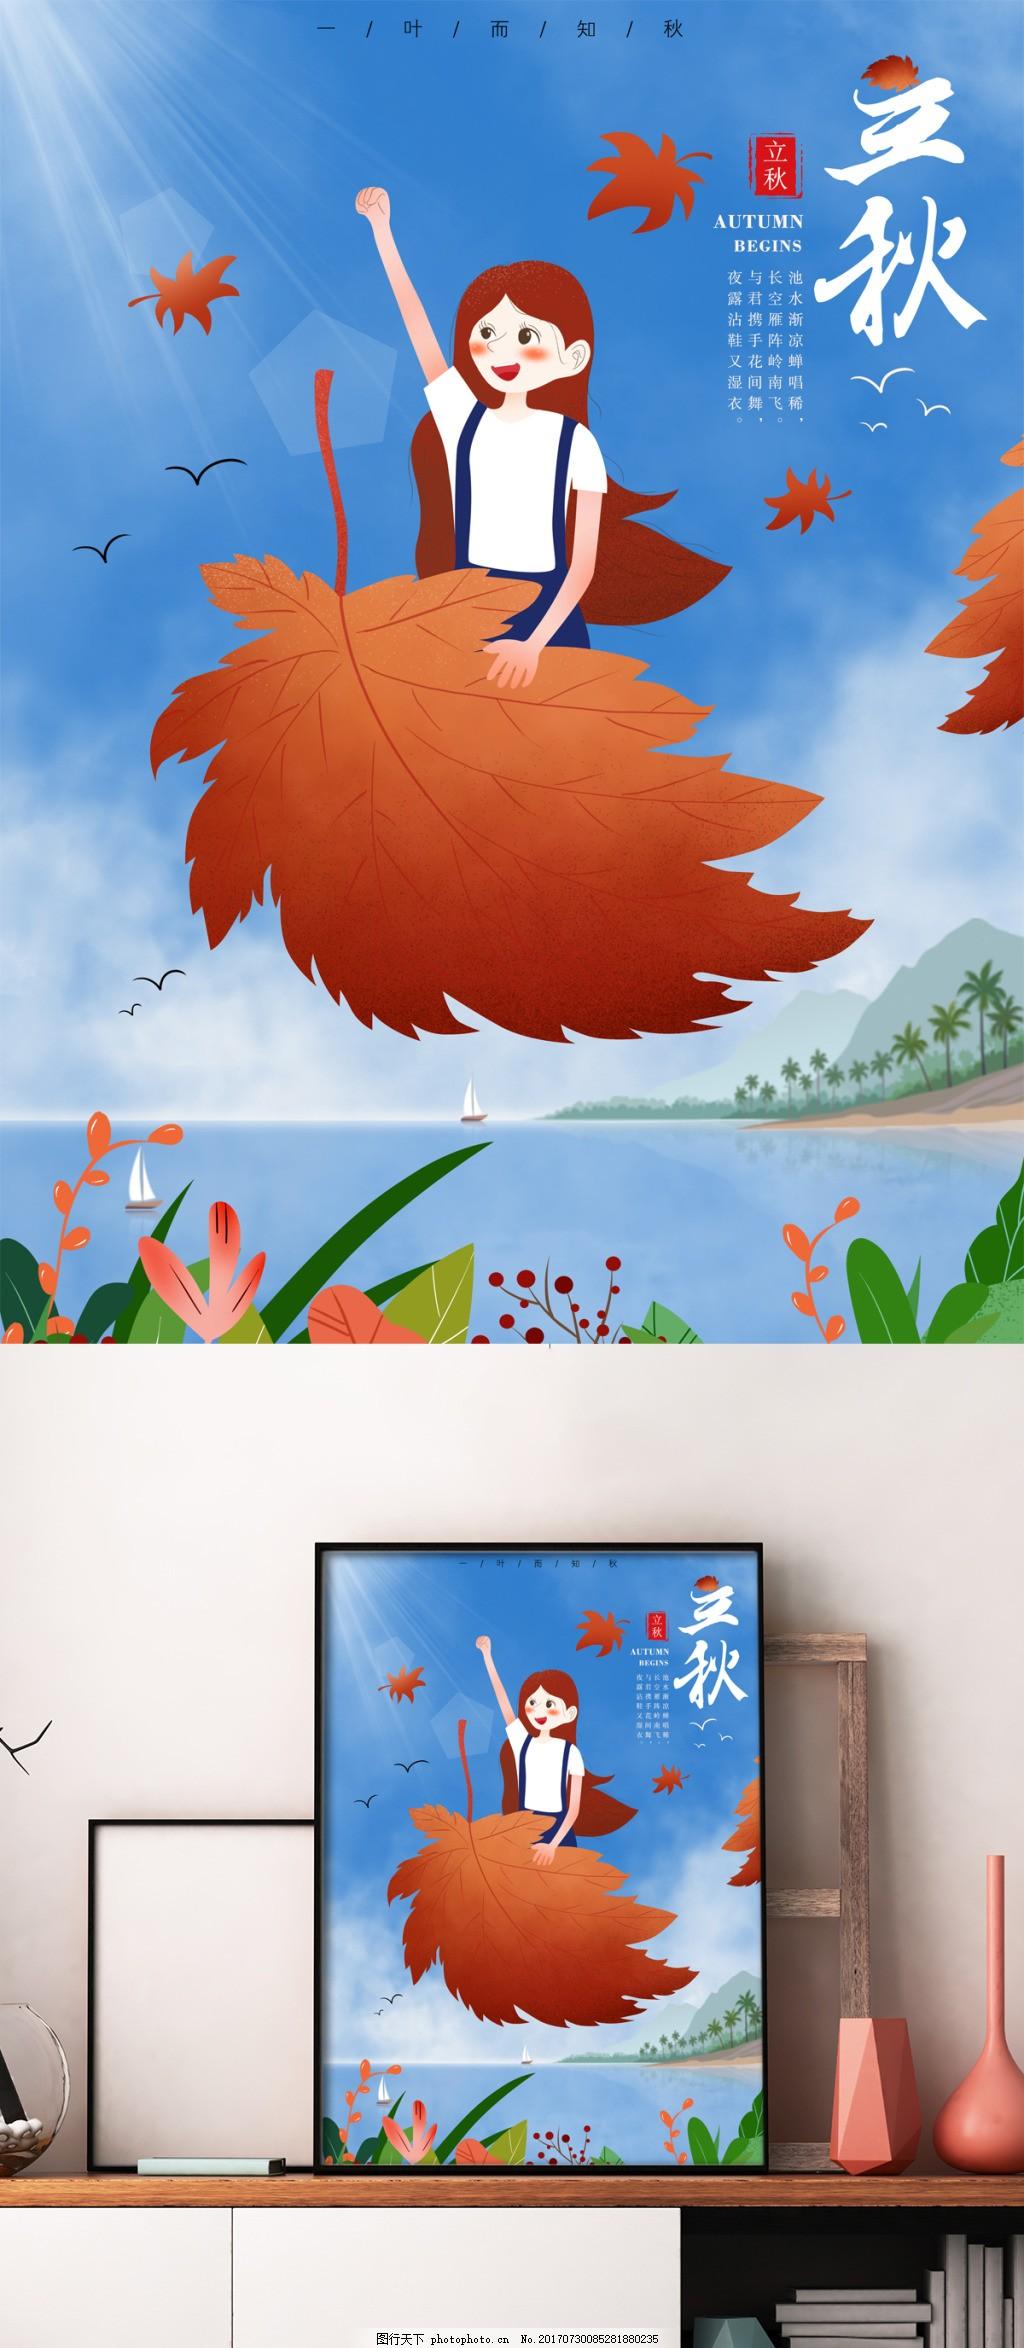 原创立秋插画手绘海报 简约 立秋 植物 秋天 树叶黄了 黄树叶 枫叶 24